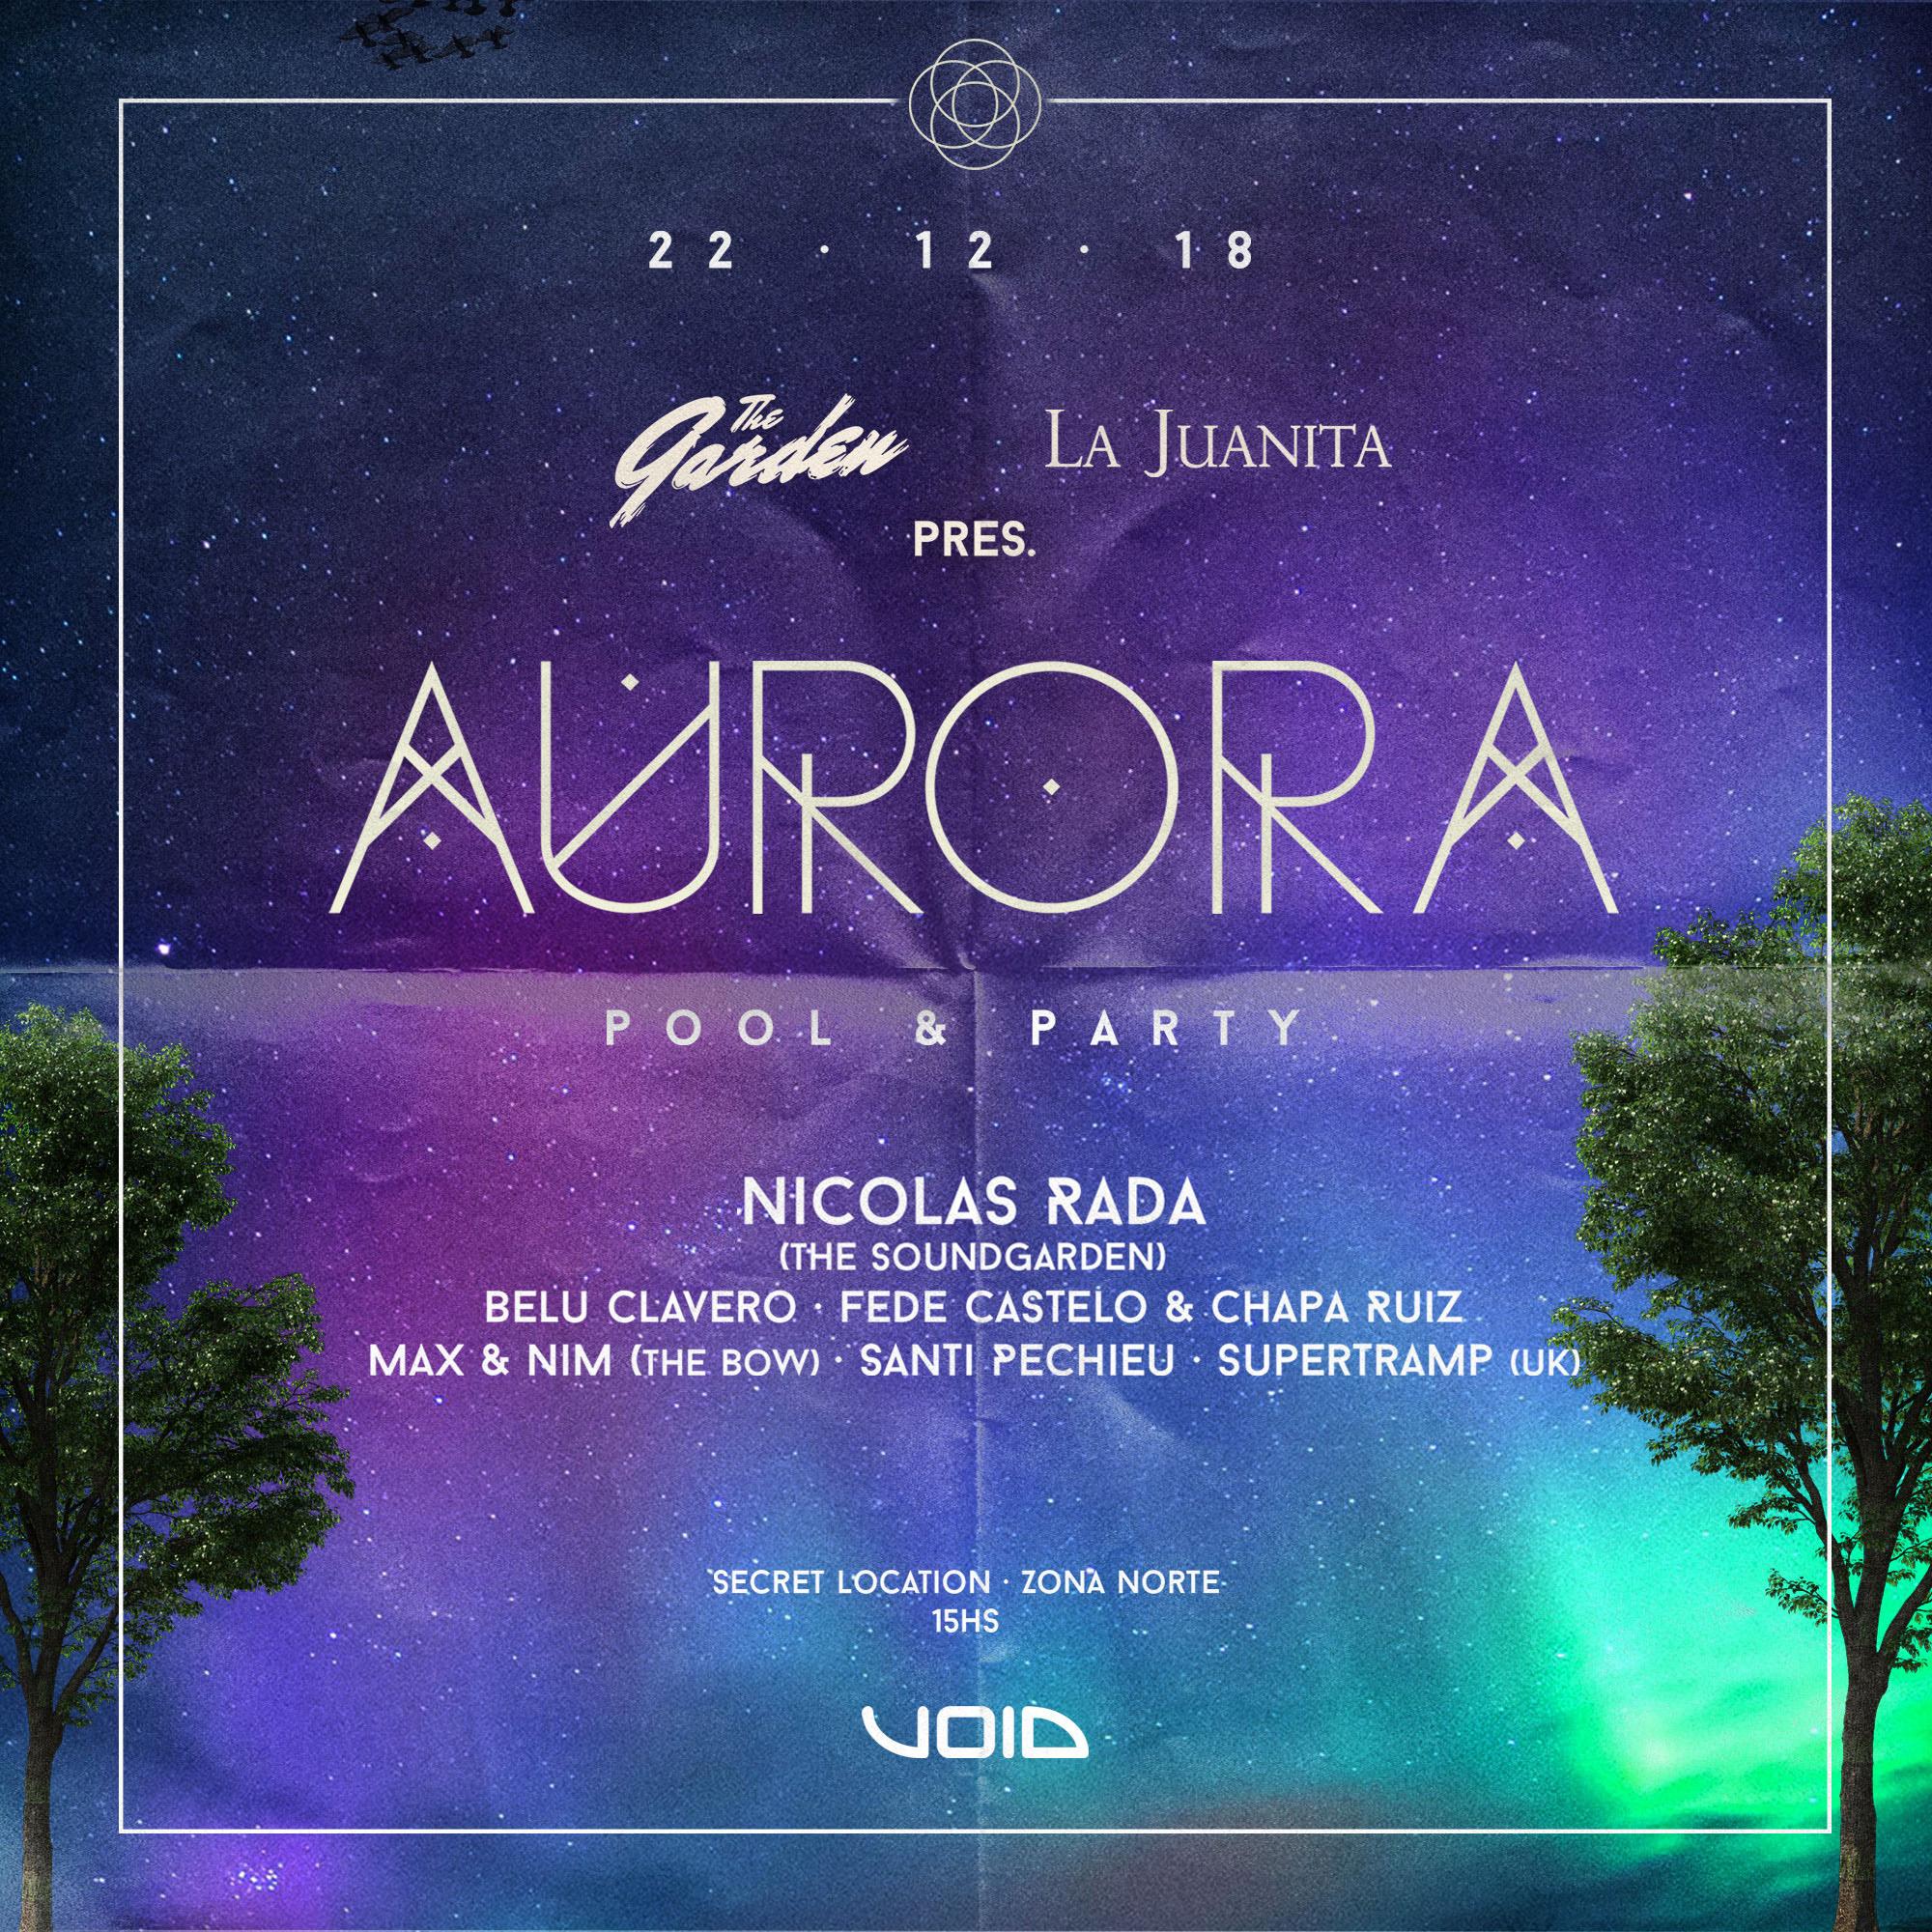 AURORA POOLPARTY La Juanita & The Garden